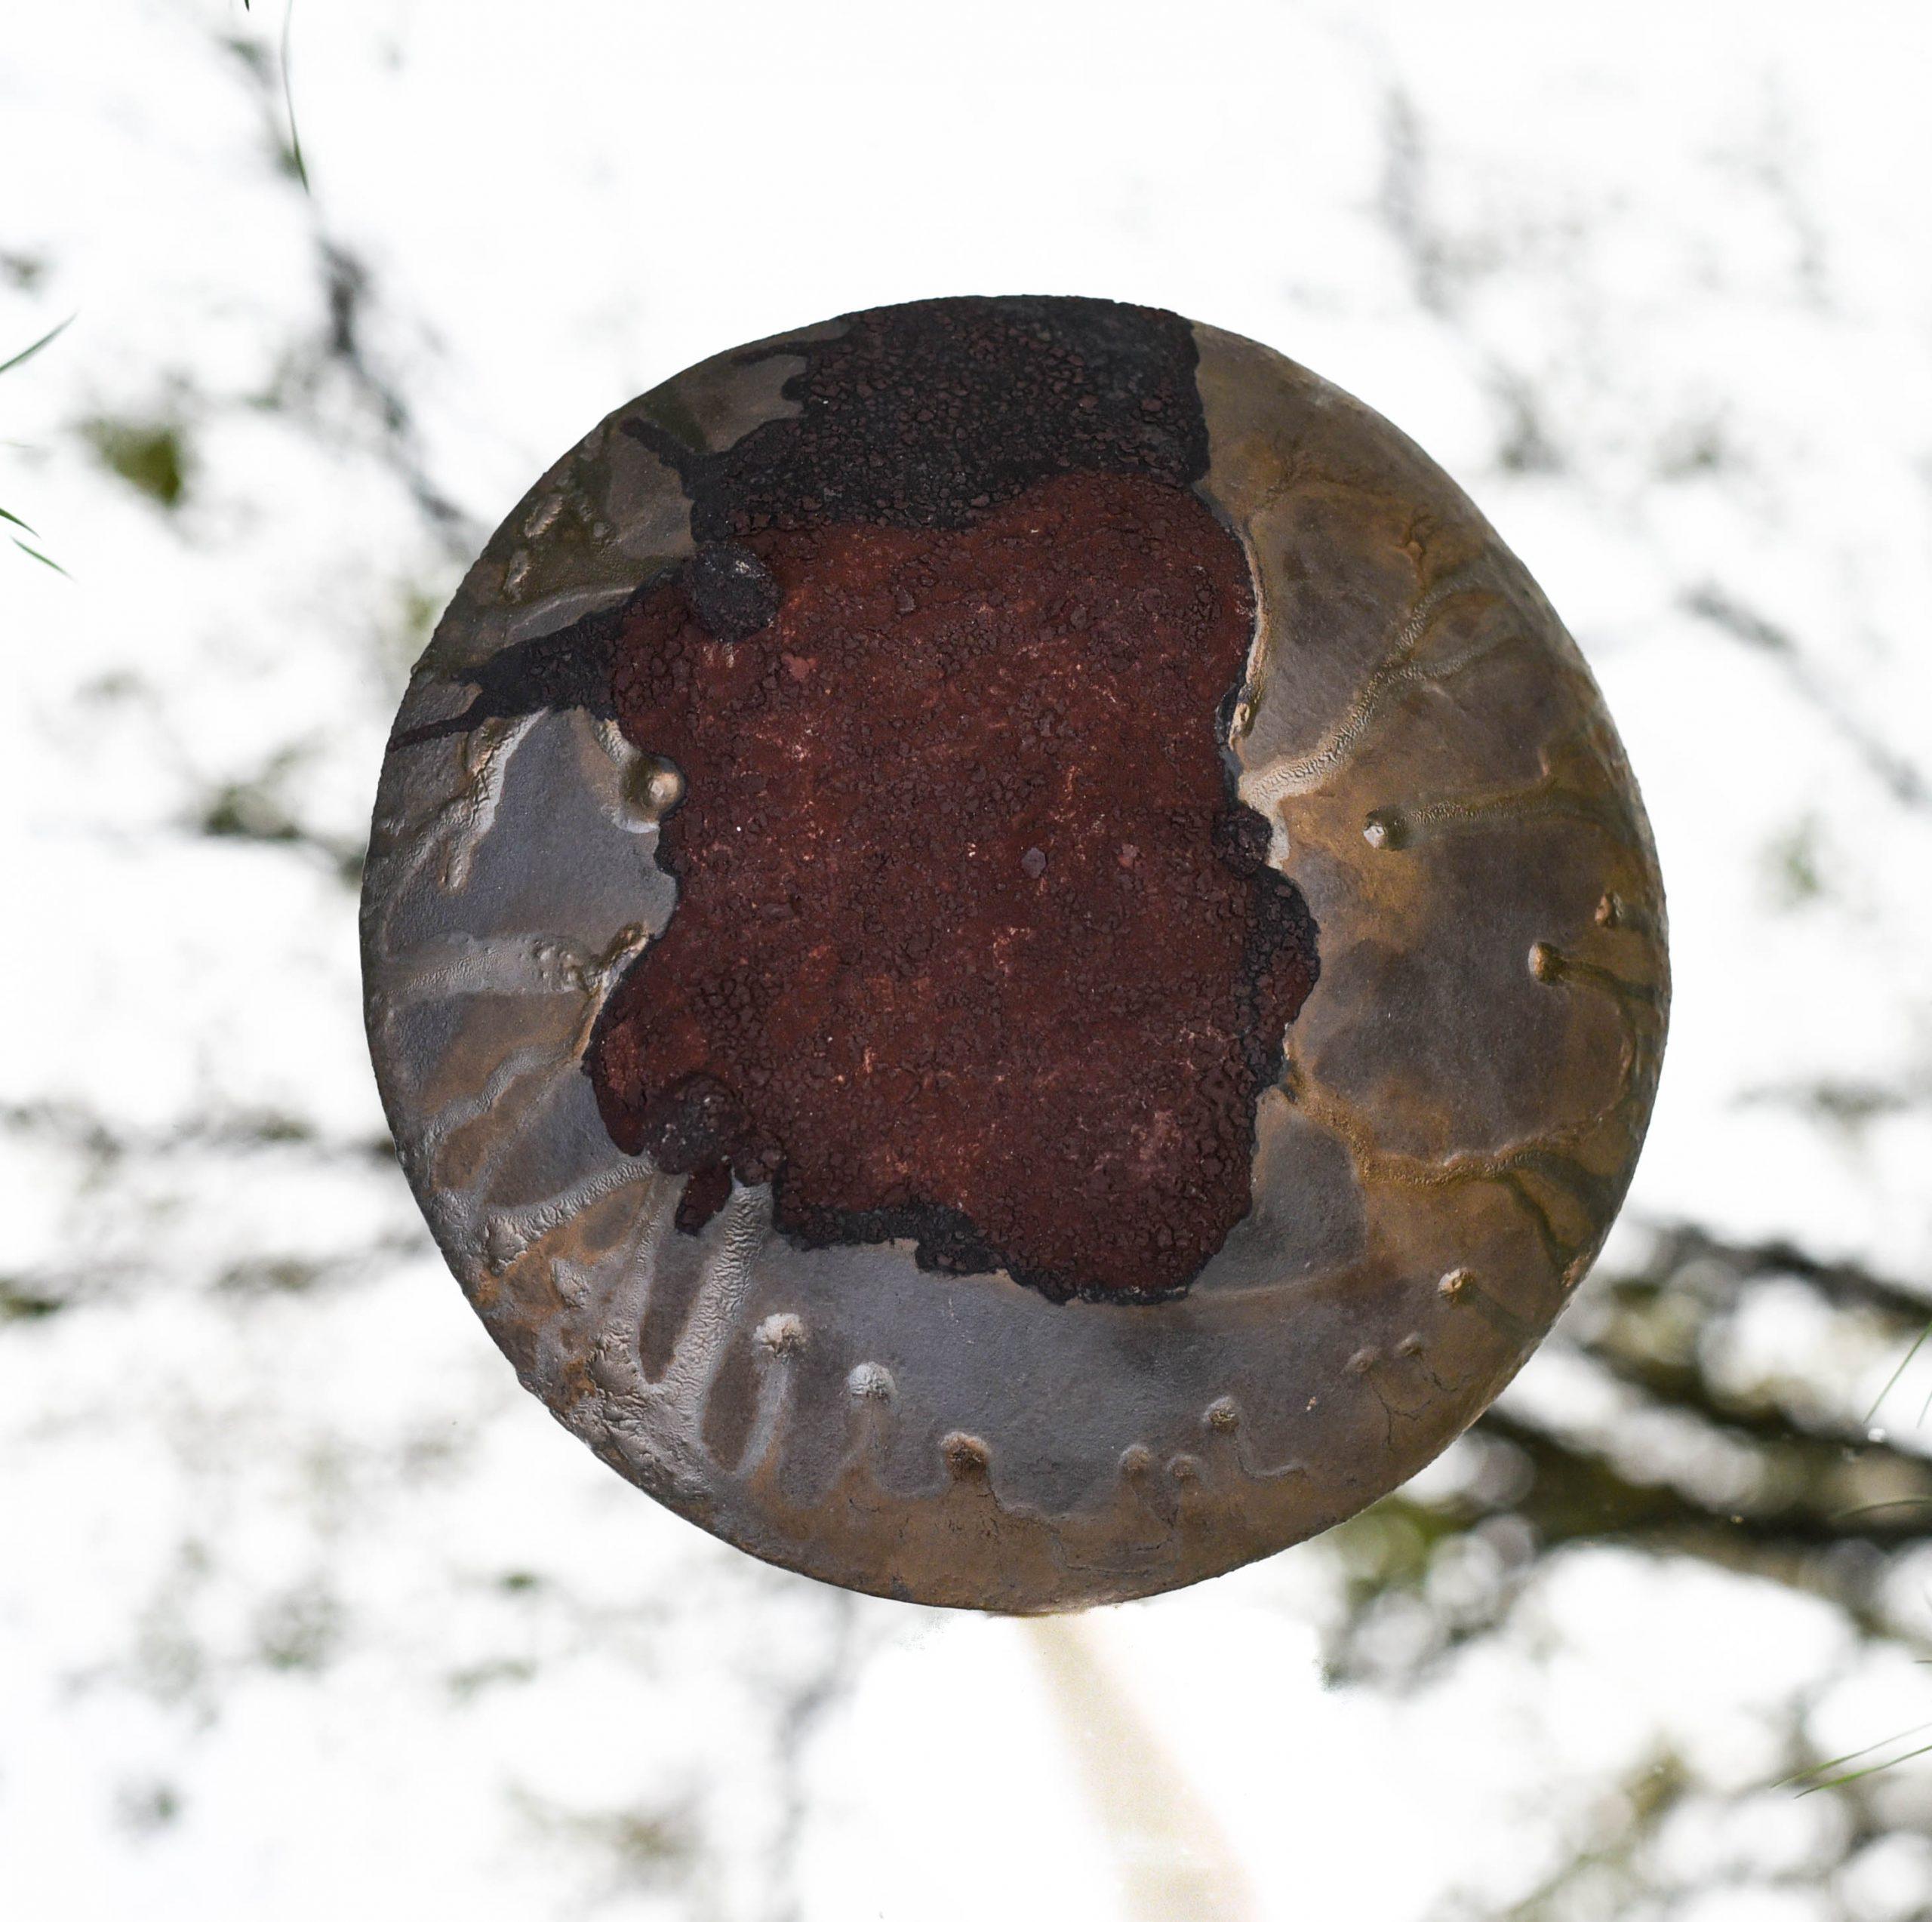 Les ilots sont des sculptures de grès entièrement recouvertes d'émail. Leur forme est celle d'une grosse lentille de 30 cm de diamètre. Les 2 cotés de la pièces sont émaillés. Dans une volonté de sobriété, un seul émail bronze doré est utilisé. Par petites touches, un second émail marron évoque les lichens. Cette sculpture évoque à la fois une cellule vue en microscopique électronique (les ilots de Langerhans sont les amas de cellules qui fabriquent notamment l'insuline) ou un vaste paysage vallonné dans lequel on peut rêver, Autres mots clés : céramique - art cuisson - haute température – sciences